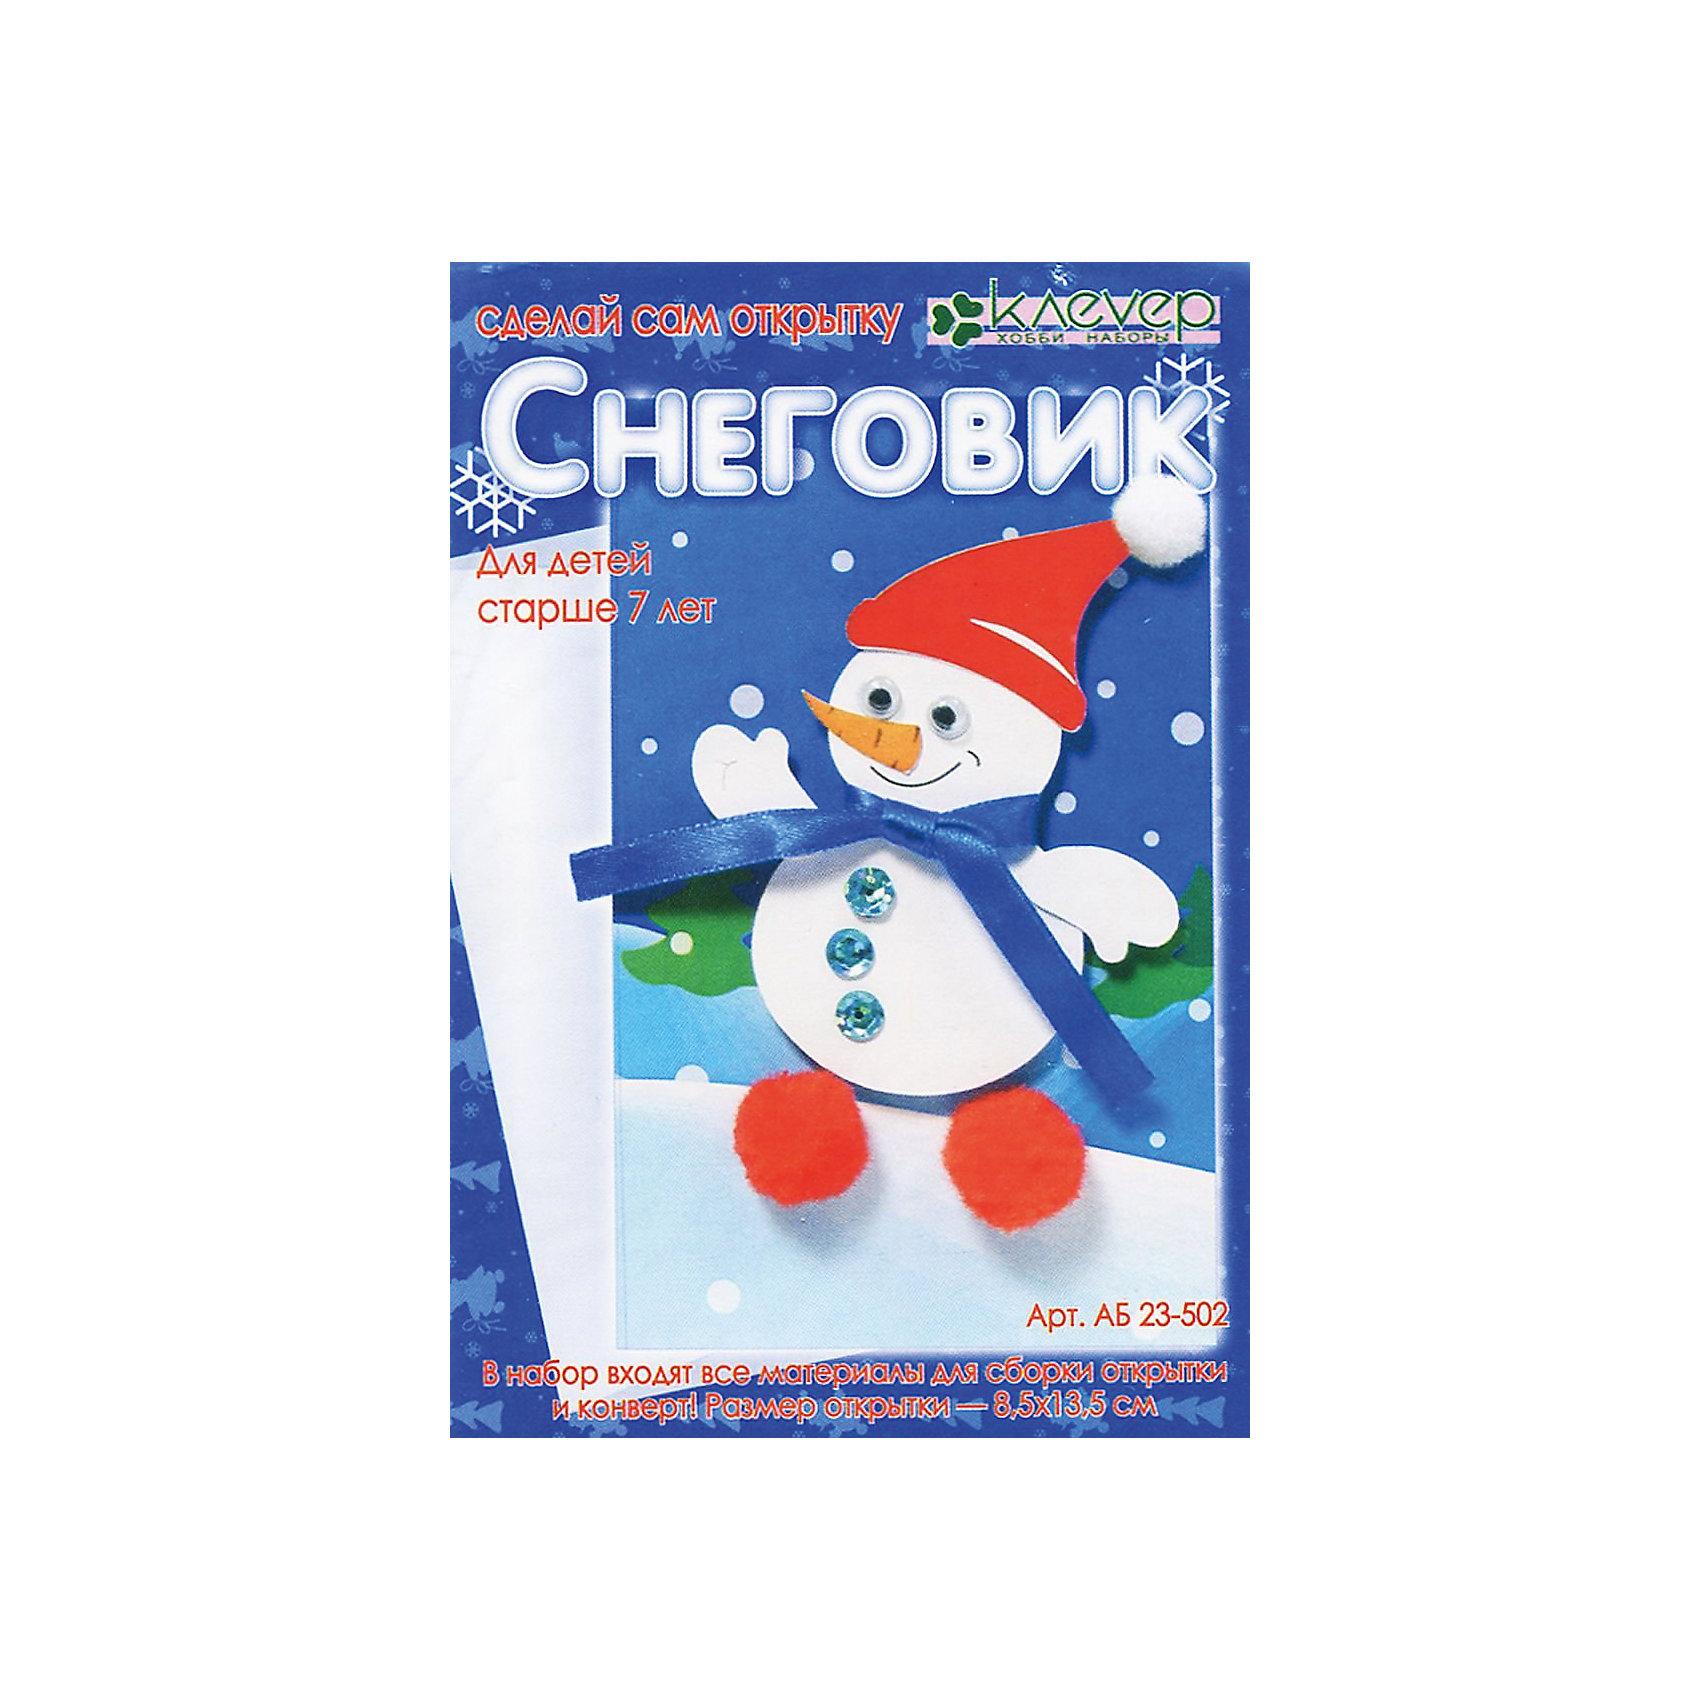 Новогодняя открытка СнеговикС помощью этого набора ваш ребенок сможет сам сделать новогоднюю открытку. Кто поможет Деду Морозу в Новогодний праздник? Кто позовет Снегурочку? Кто приходит к детишкам во двор каждую зиму? Это Снеговик, лучший друг снежной зимы и верный помощник Деда Мороза! Он всегда спешит к вам с поздравлениями и подарками, с пожеланиями счастья и радости. Создание поделок и открыток из бумаги позволяет ребенку раскрыть свой творческий потенциал, тренируют мелкую моторику, внимание и усидчивость.<br><br>Дополнительная информация:<br><br>- Материал: картон, бумага.<br>- Комплектация: белая открытка; цветной картон и цветная бумага; глазки для игрушек с подвижными зрачками; лента; пайетки; помпоны: маленький и большие; двухсторонняя клейкая лента (скотч), тонкая и объемная; конверт; инструкция.<br>- Техника: аппликация. <br>- Размер открытки: 8,5х12 см.<br><br>Новогоднюю открытку Снеговик можно купить в нашем магазине.<br><br>Ширина мм: 180<br>Глубина мм: 100<br>Высота мм: 5<br>Вес г: 20<br>Возраст от месяцев: 84<br>Возраст до месяцев: 144<br>Пол: Унисекс<br>Возраст: Детский<br>SKU: 4443214